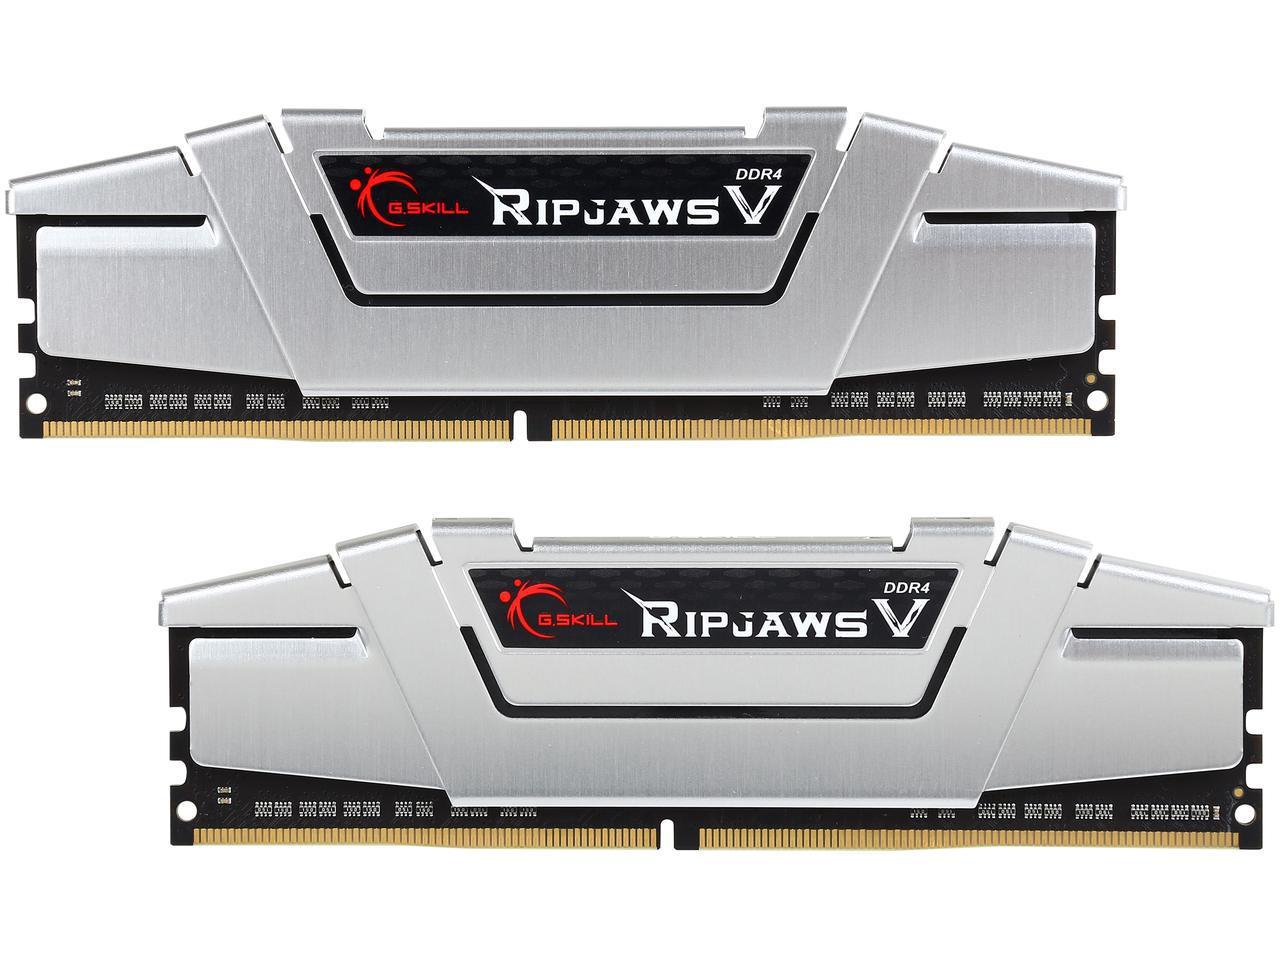 16GB (2x8GB) G.Skill Ripjaws V Series DDR4 2800 Desktop Memory $154 + Free Shipping